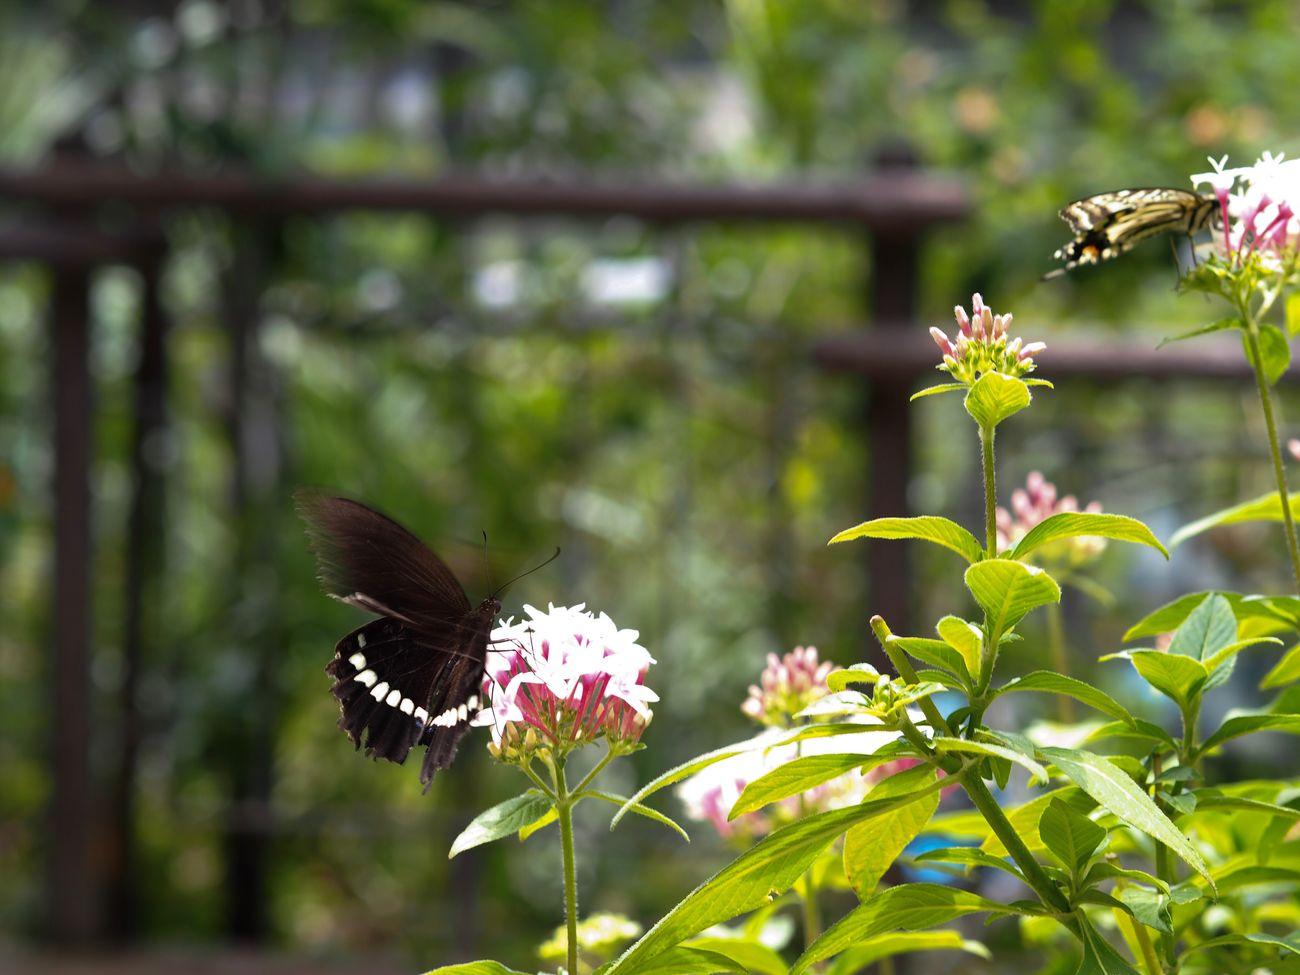 というわけで、ND使わずにシャッタースピードを遅くするために、+1.3露出補正するという、露出補正の間違った使い方をした写真。ちなみにF4.5、シャッタースピード1/60秒。 Butterfly - Insect Butterfly Flower Fragility Freshness Animal Themes Plant Petal Day Flower Head No People Leaf Olympus OM-D E-M5 Mk.II